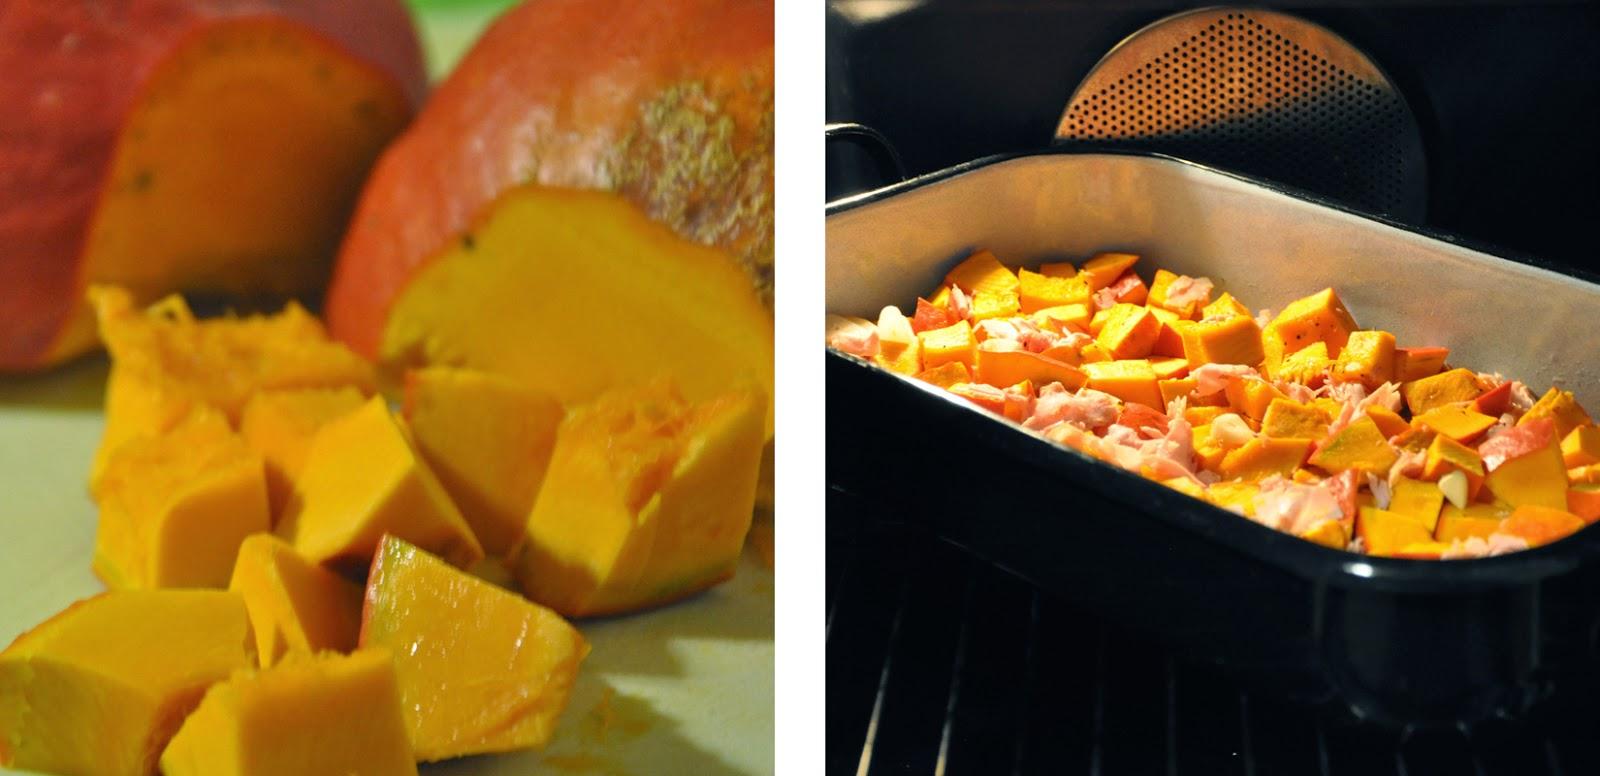 Kürbis-Caprese deluxe | Kürbis würfeln und mit Knoblauch und Schinken im Ofen backen